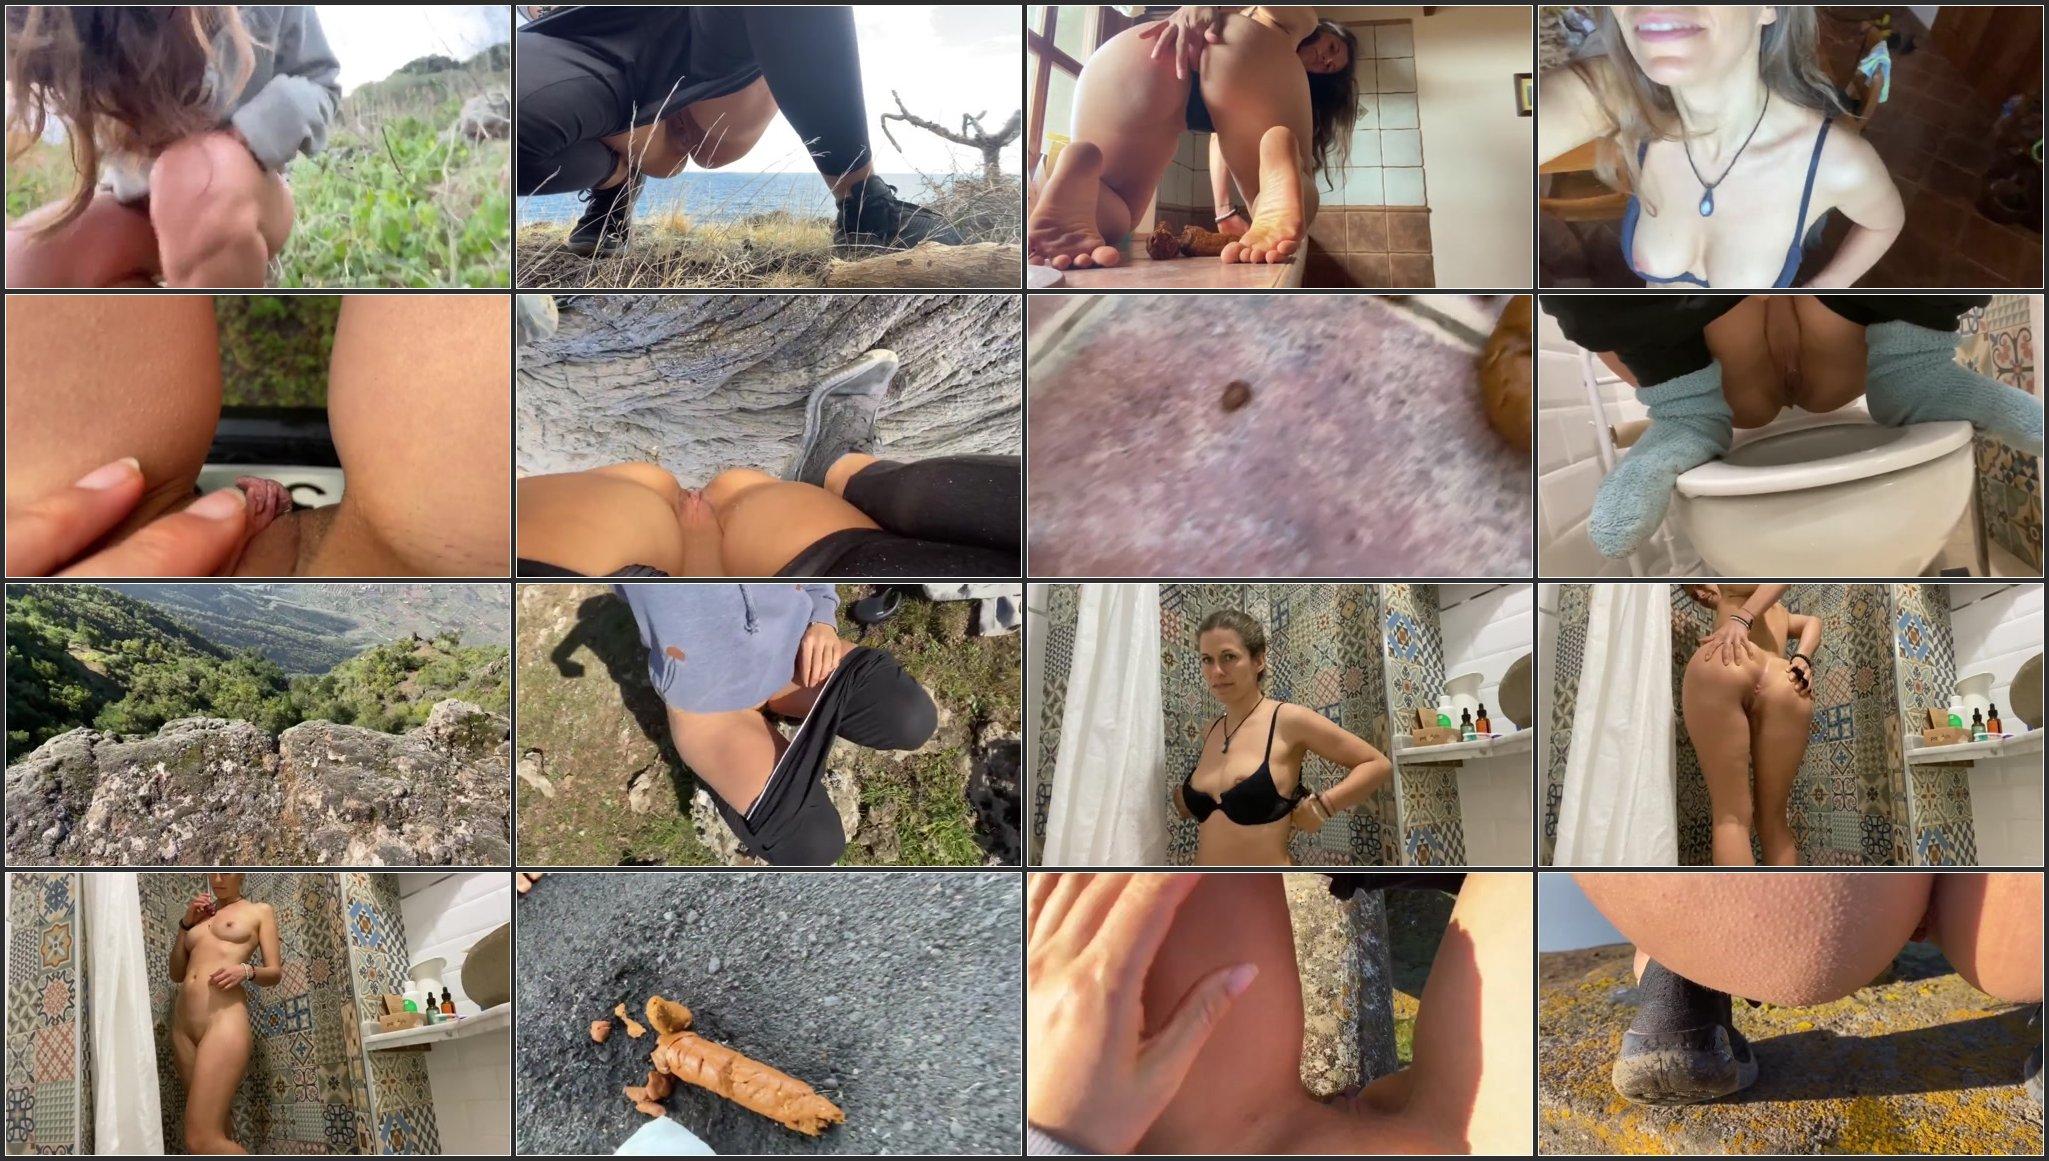 VeganLinda - Best of CRAZY Poo Pee Canary Islands (Part 2).ScrinList